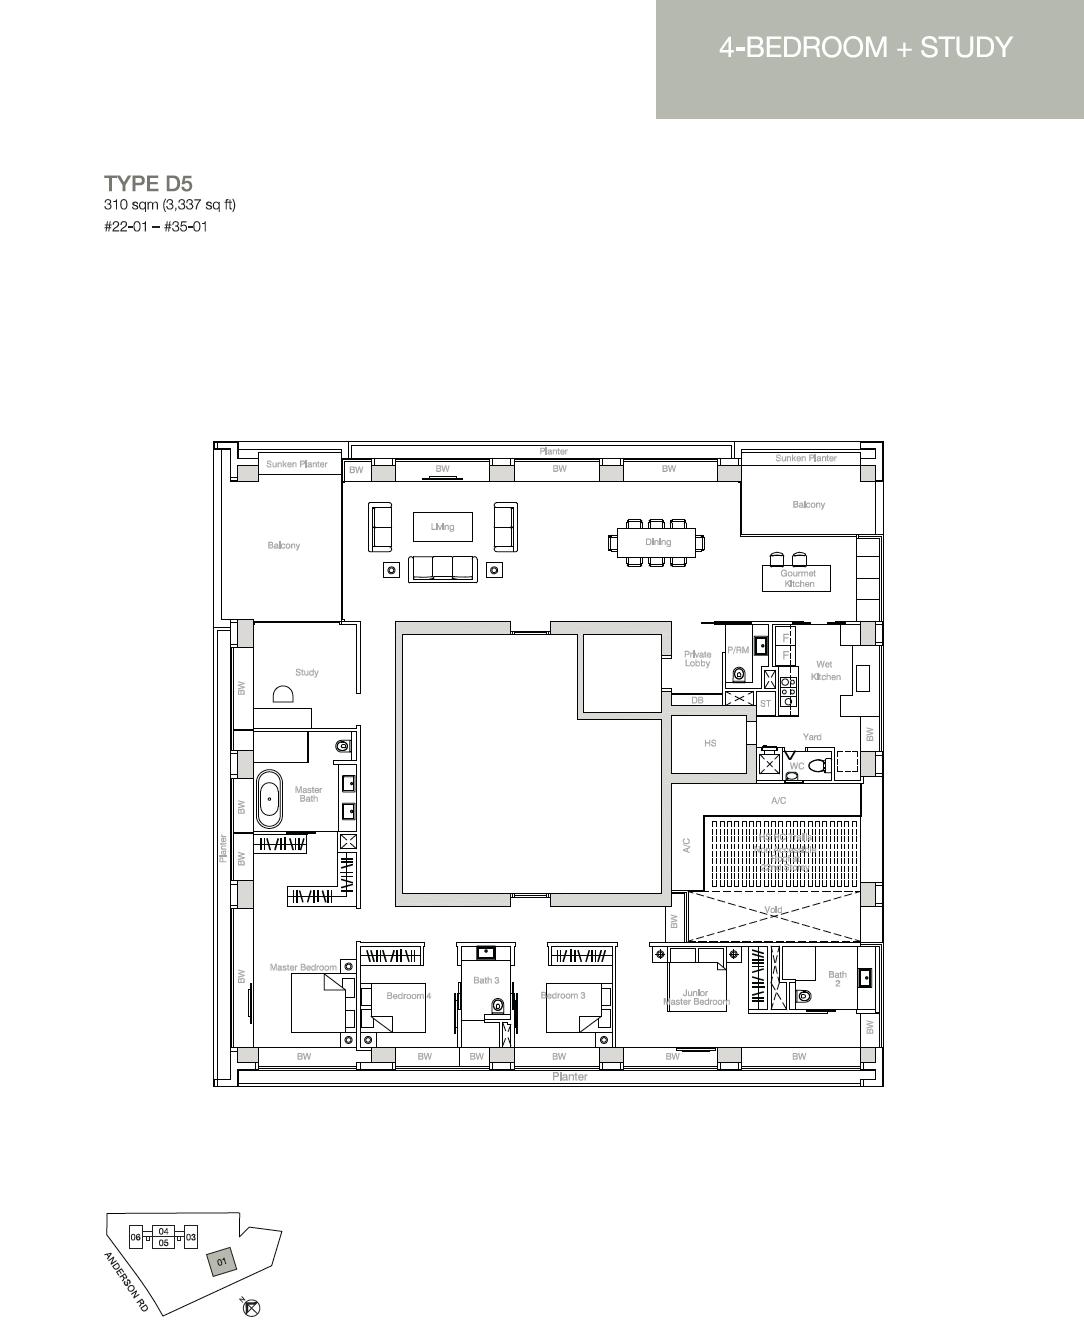 Nouvel-18-floor-plan-4Study-Type-D5